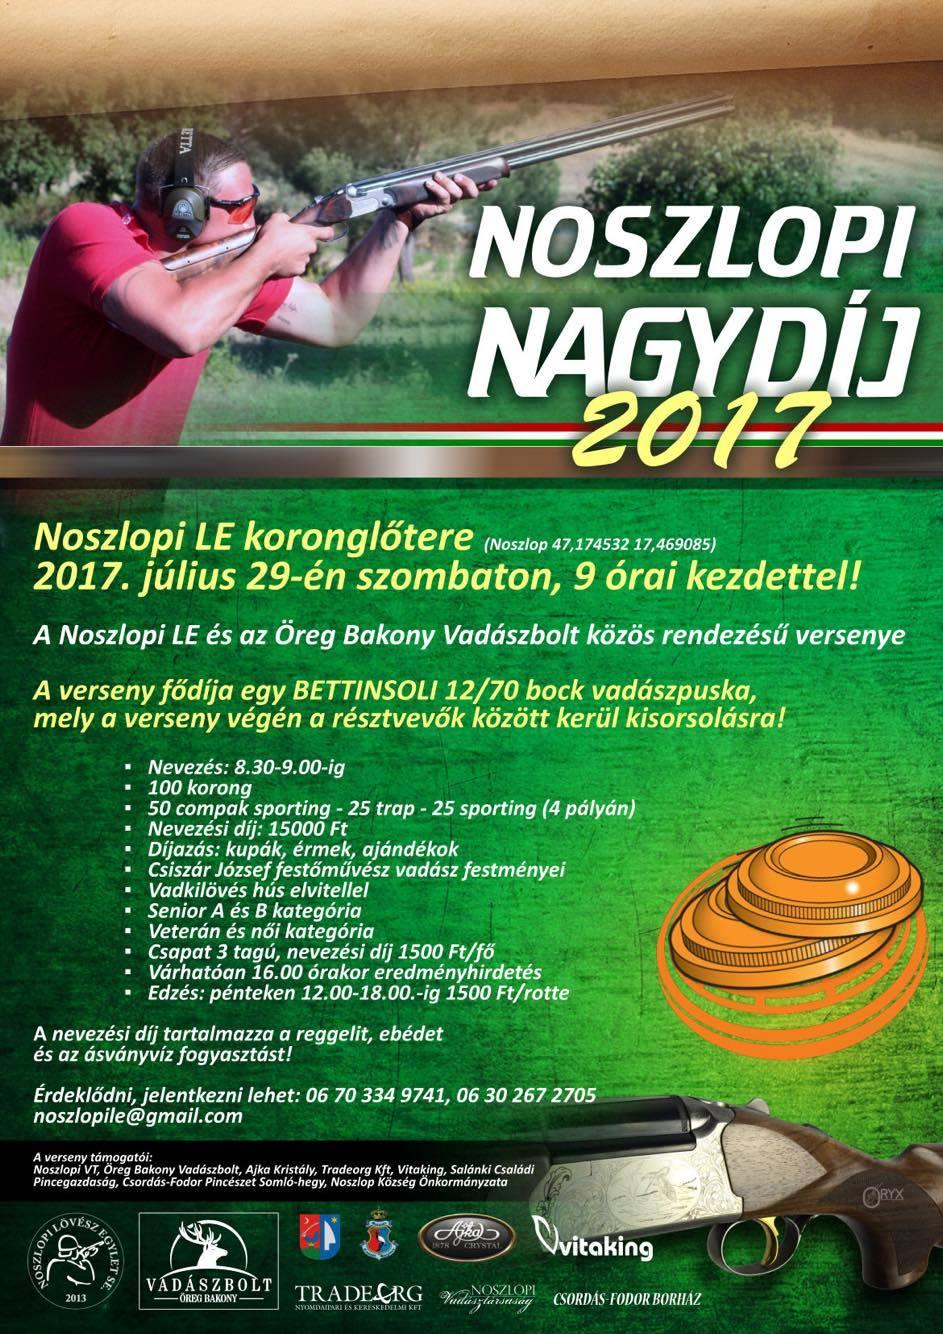 noszlopi_nagydij_plakat